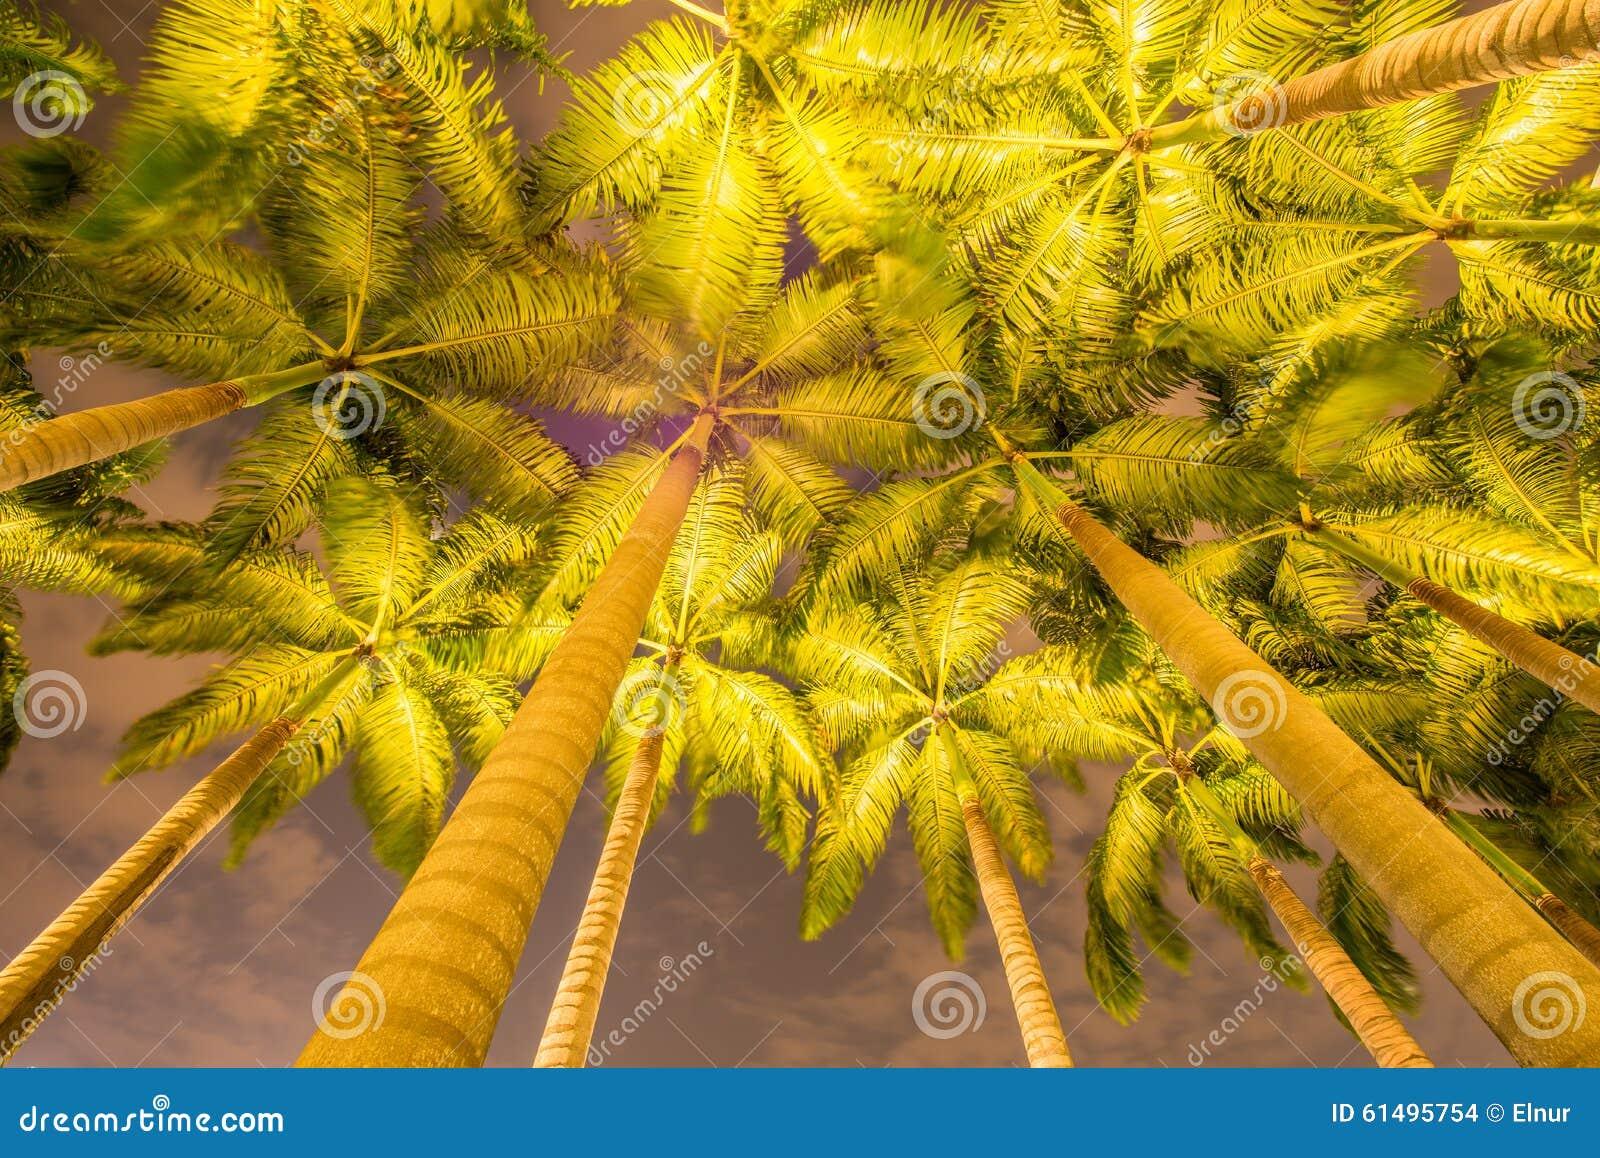 Les palmiers pendant les heures de coucher du soleil photo - Heure coucher soleil lille ...